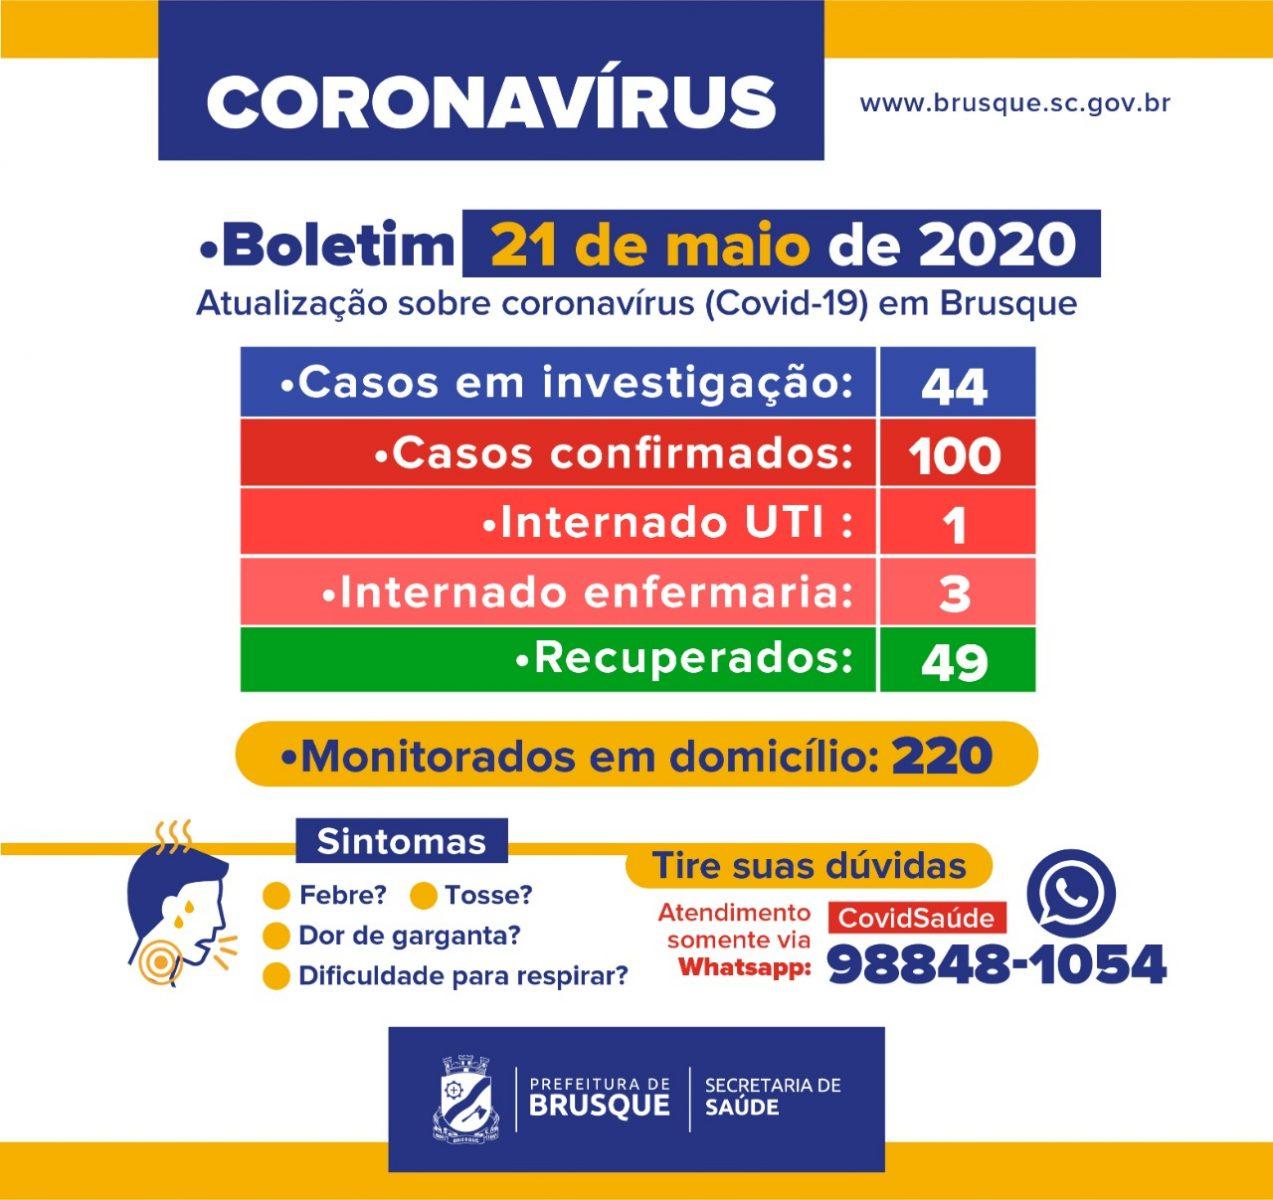 Brusque chega a 100 casos de Covid-19